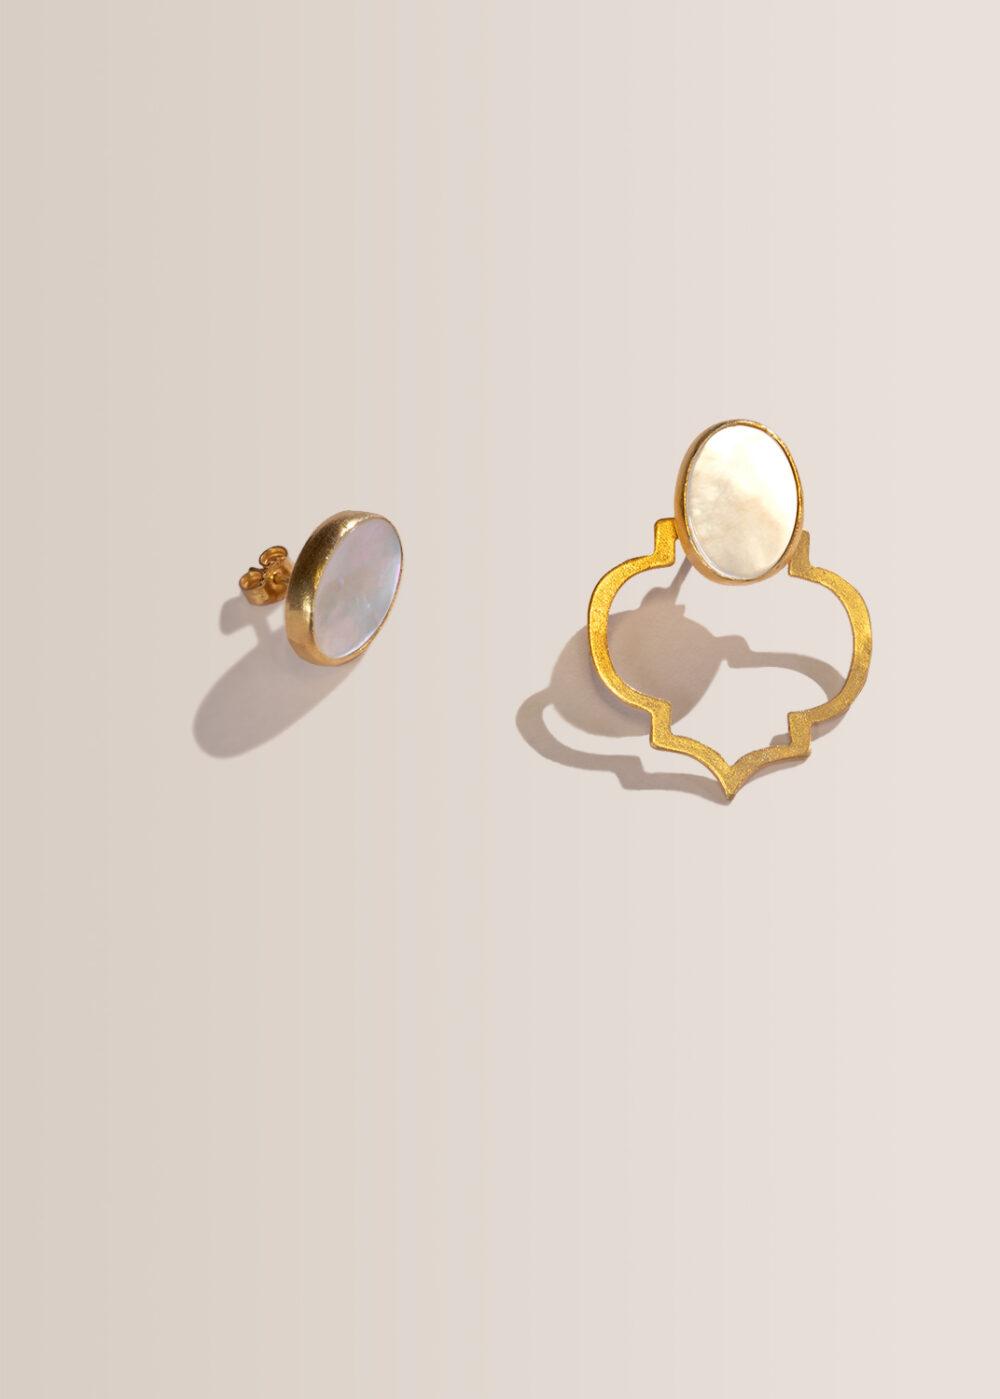 helia-ornament-ohrring-gold-perlmutt-zweite-ansicht